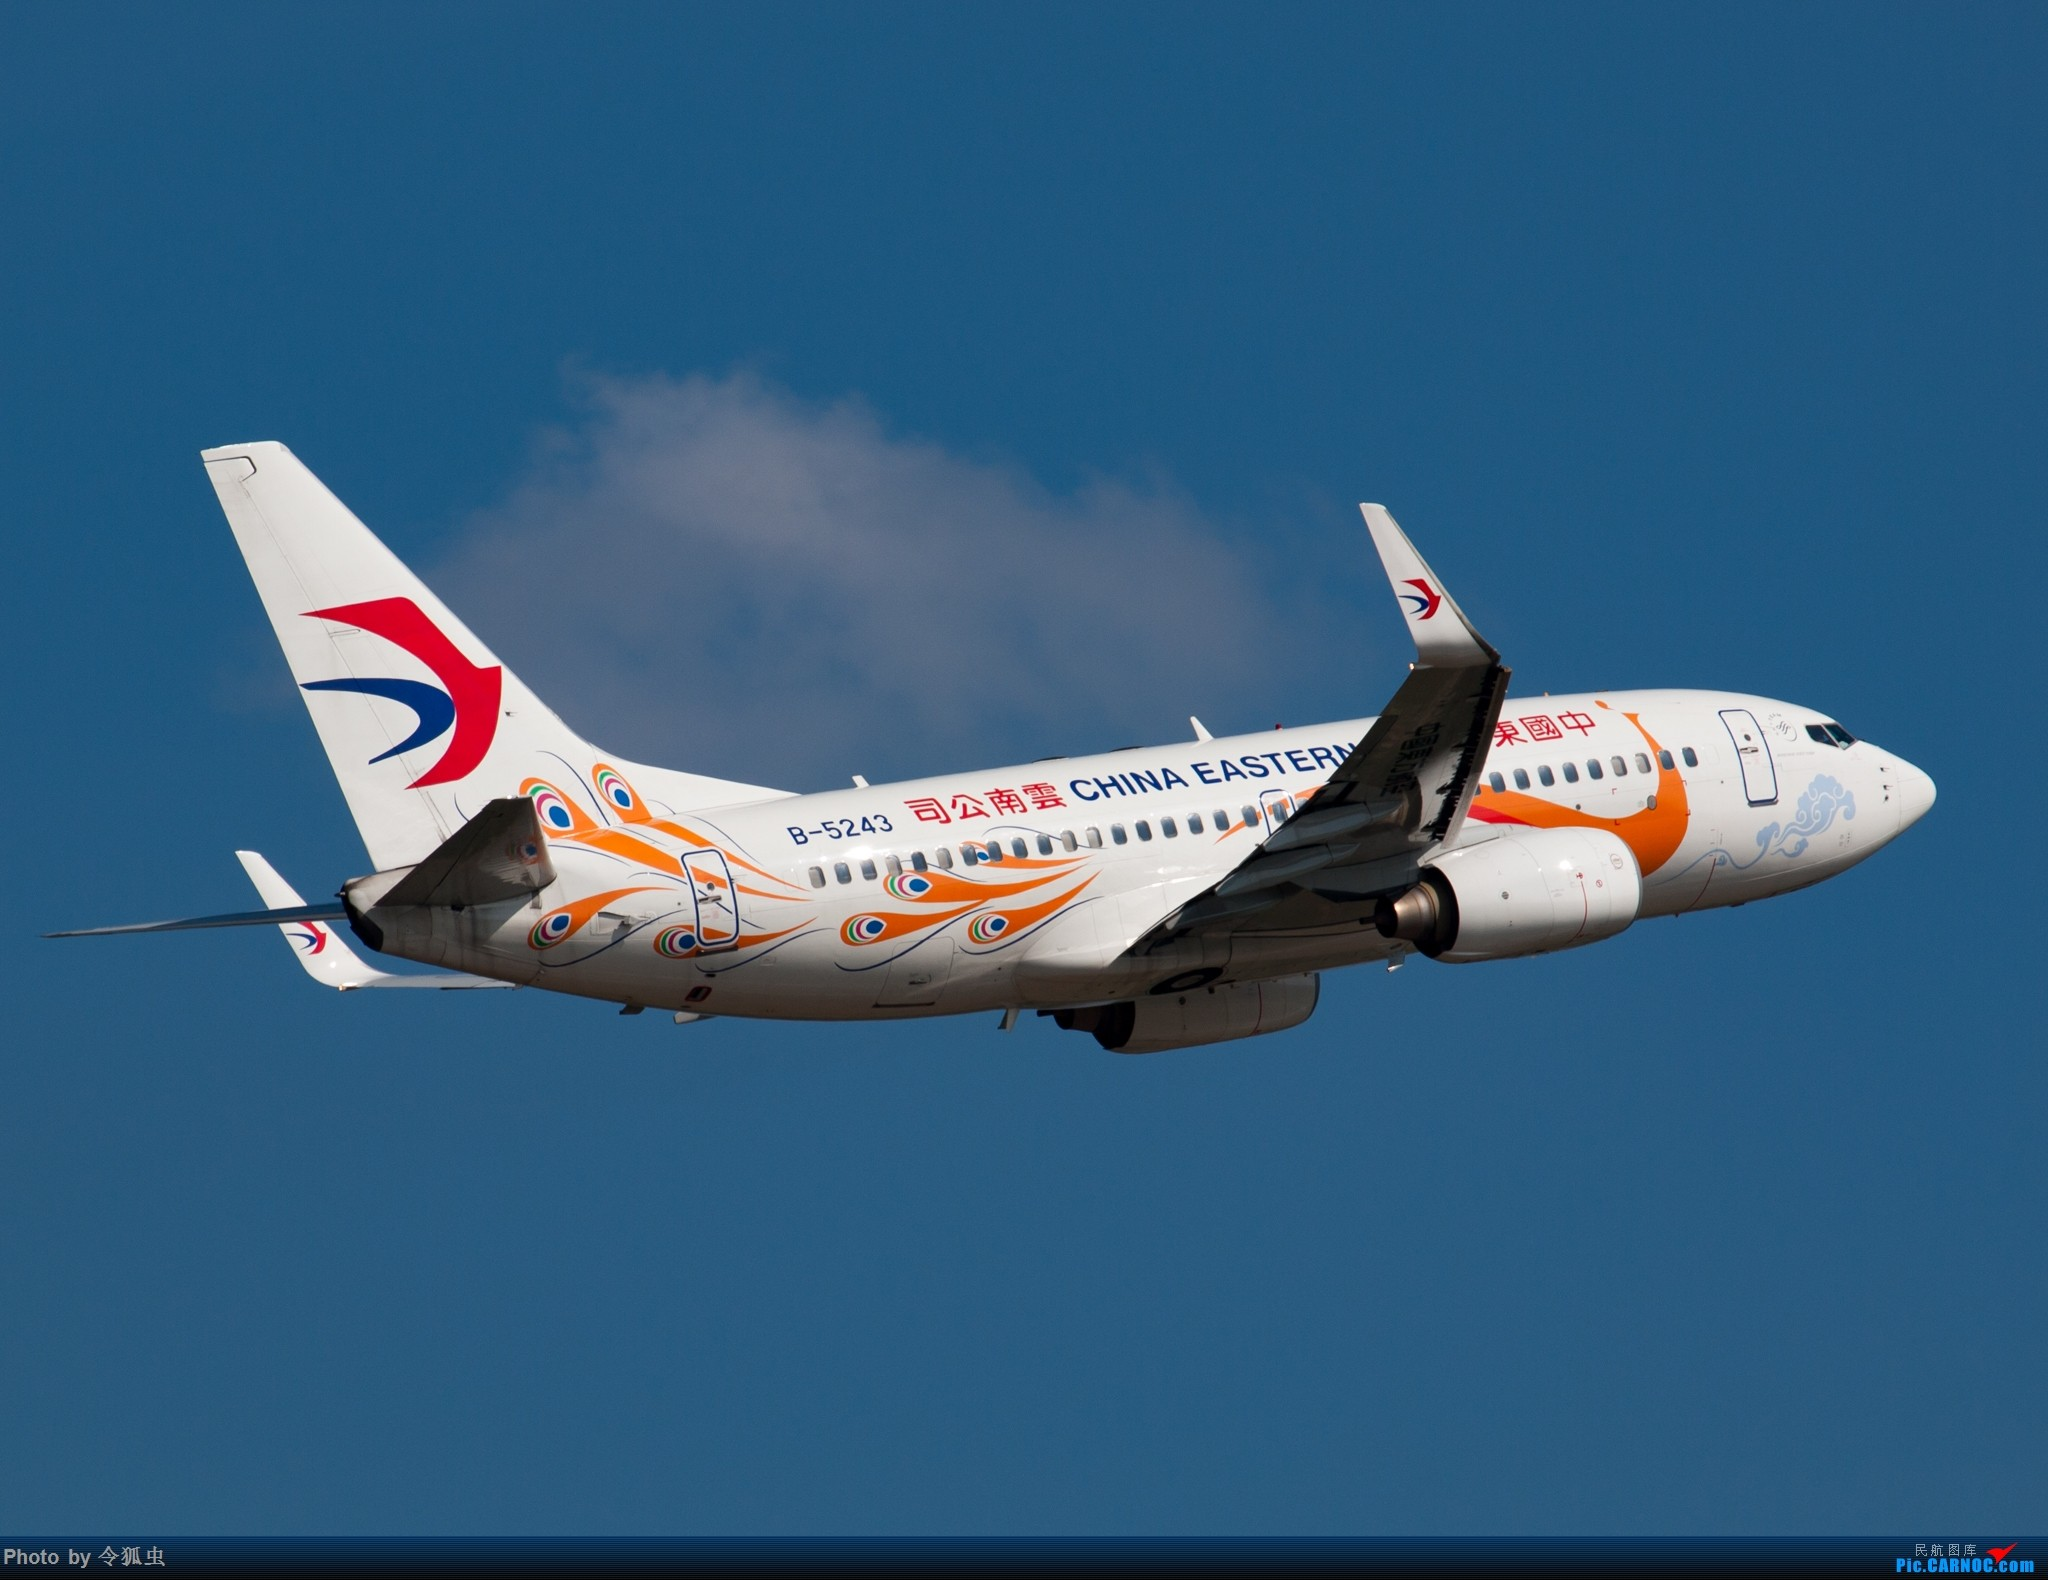 Re:[原创]漂亮的东航737孔雀机 BOEING 737-700 B-5243 中国成都双流国际机场